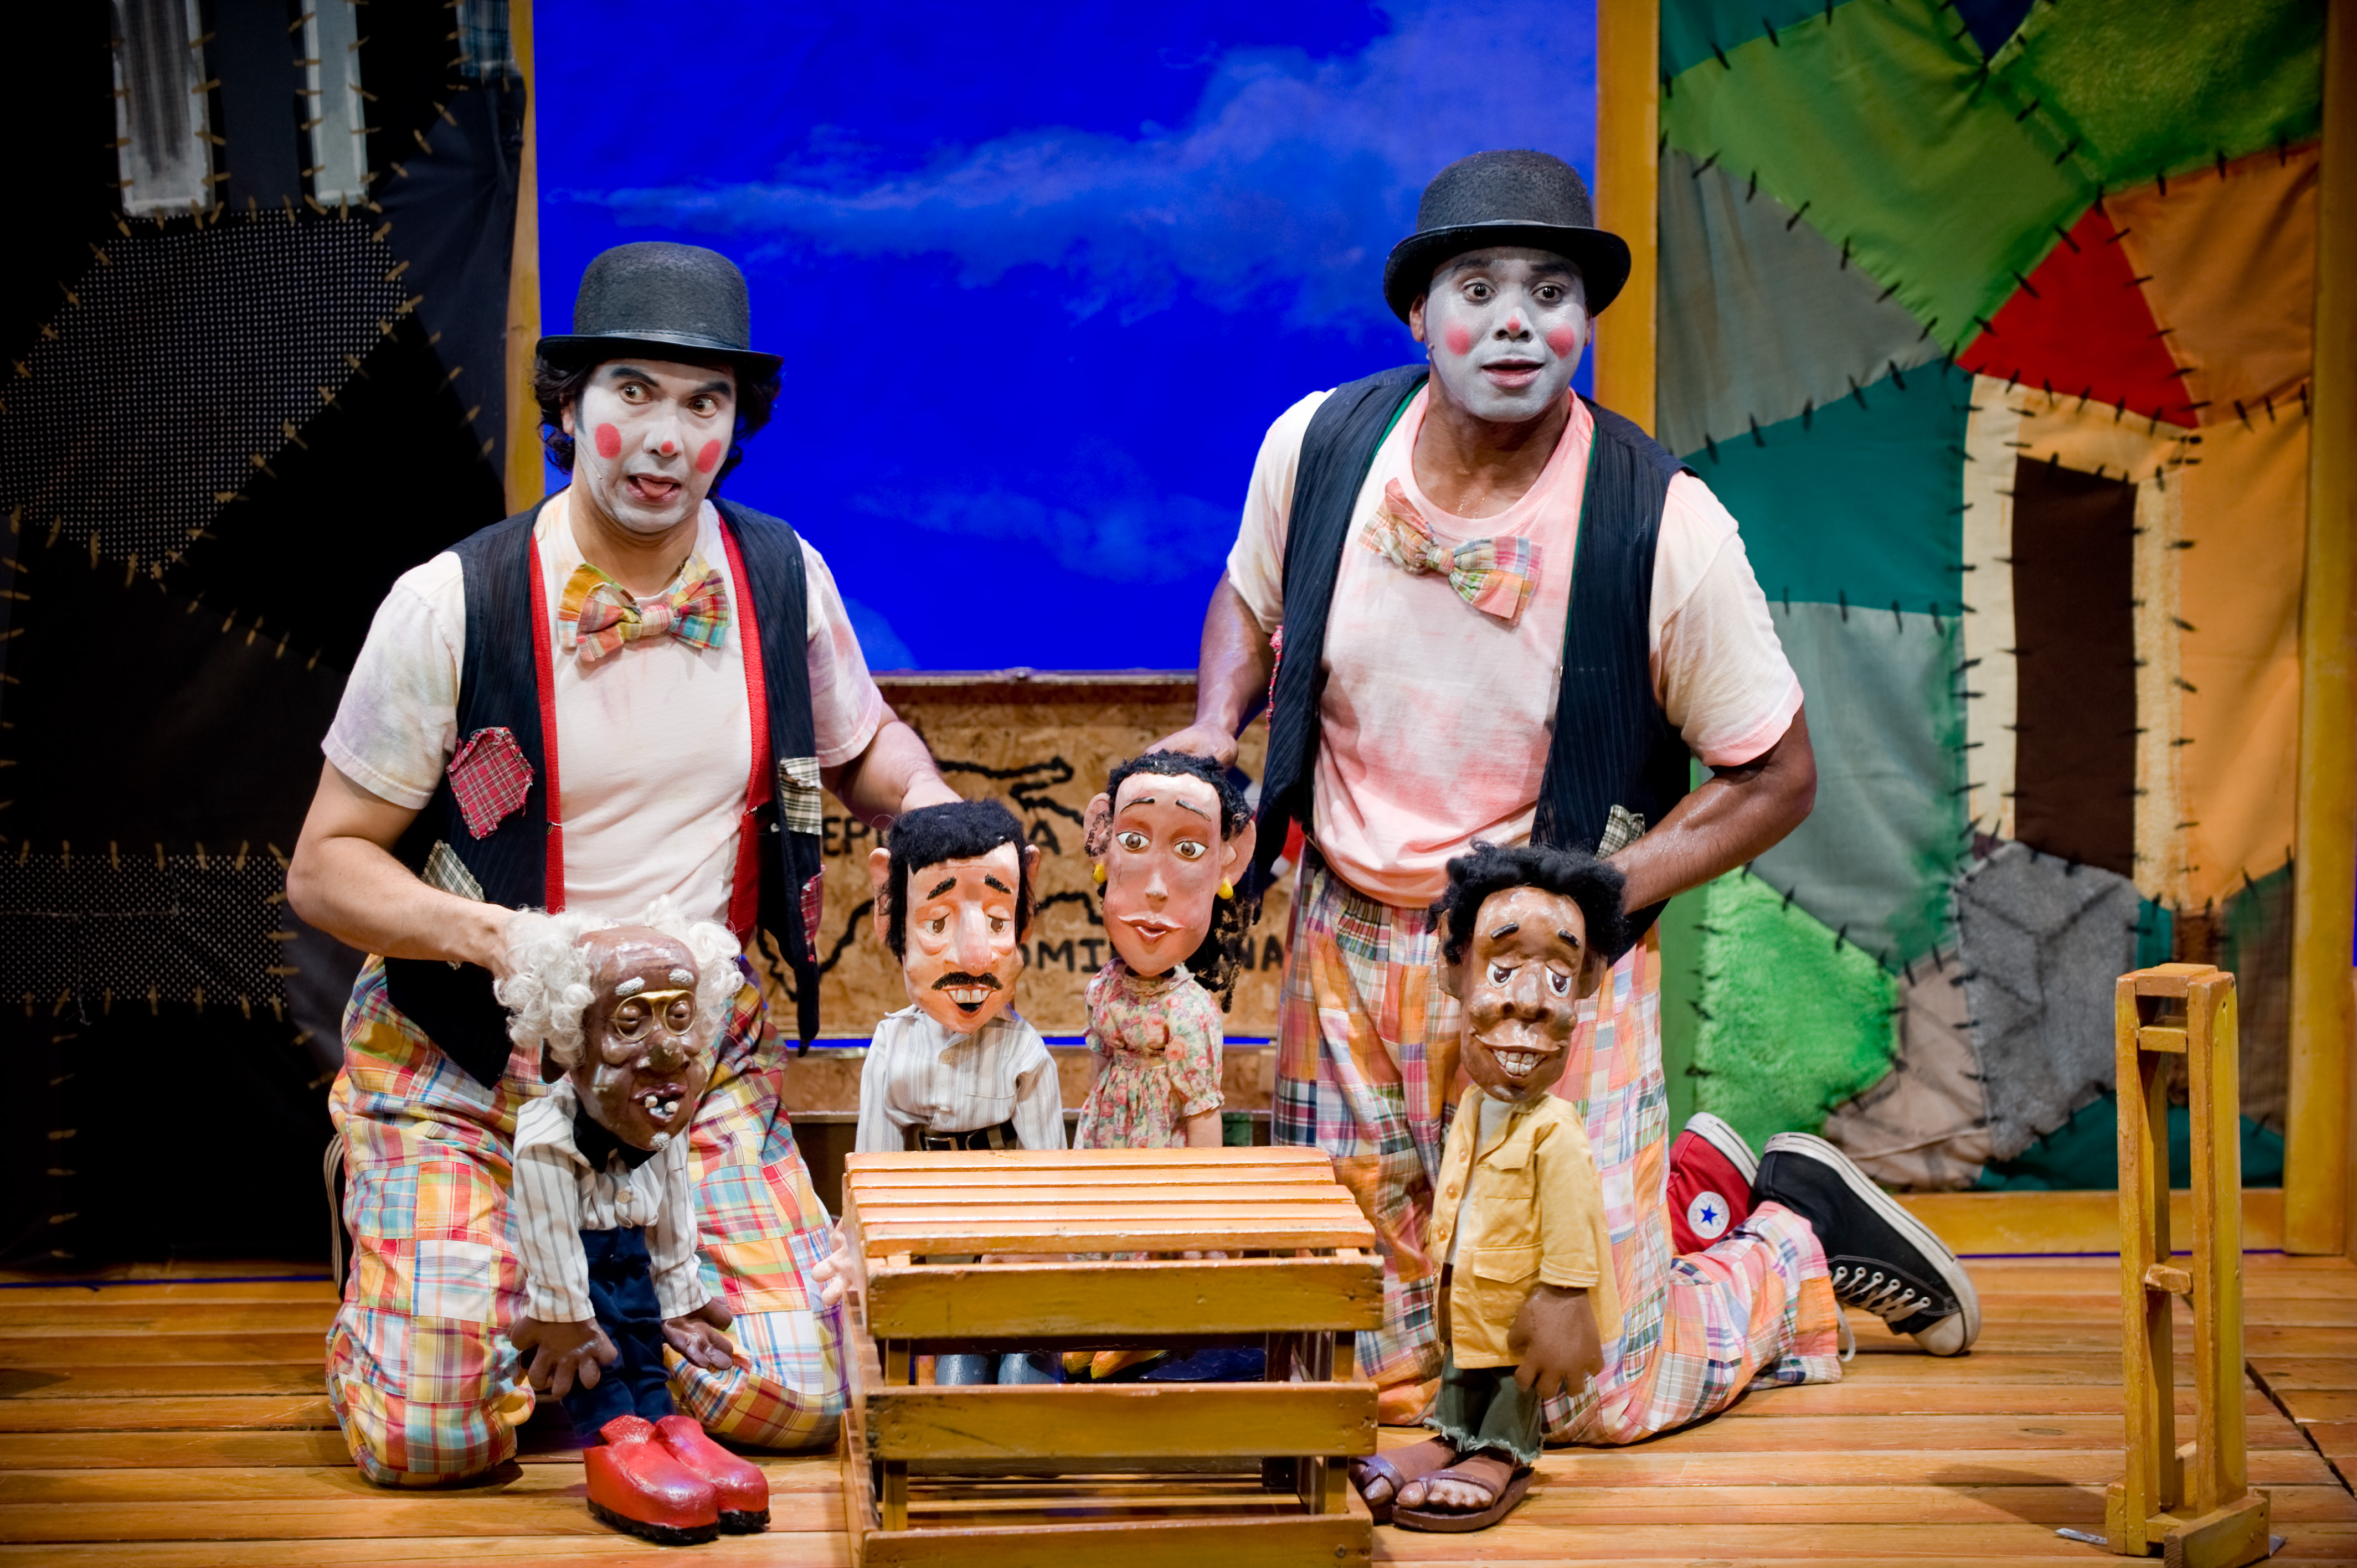 Personnages de marionnettes et acteurs de <em>The Encounter of Juan Bobo and Pedro Animal / El Encuentro de Juan Bobo y Pedro Animal</em> (2005), une production bilingue (anglais et espagnol) du folklore portoricain et dominicain pour le jeune public par le Teatro SEA (New York, NY, États-Unis). Une pièce de théâtre de marionnettes participative dans le style du cirque créée pour célébrer le mois du patrimoine portoricain. Texte et mise en scène : Manuel Morán, marionnettistes / acteurs : Manuel Morán, Ricardo Hinoa, Jesús Martínez, comédiens sur la photo : Manuel Morán, Jesús Martínez. Marionnettes à tiges, hauteur : 50 cm. Photo: Javier González